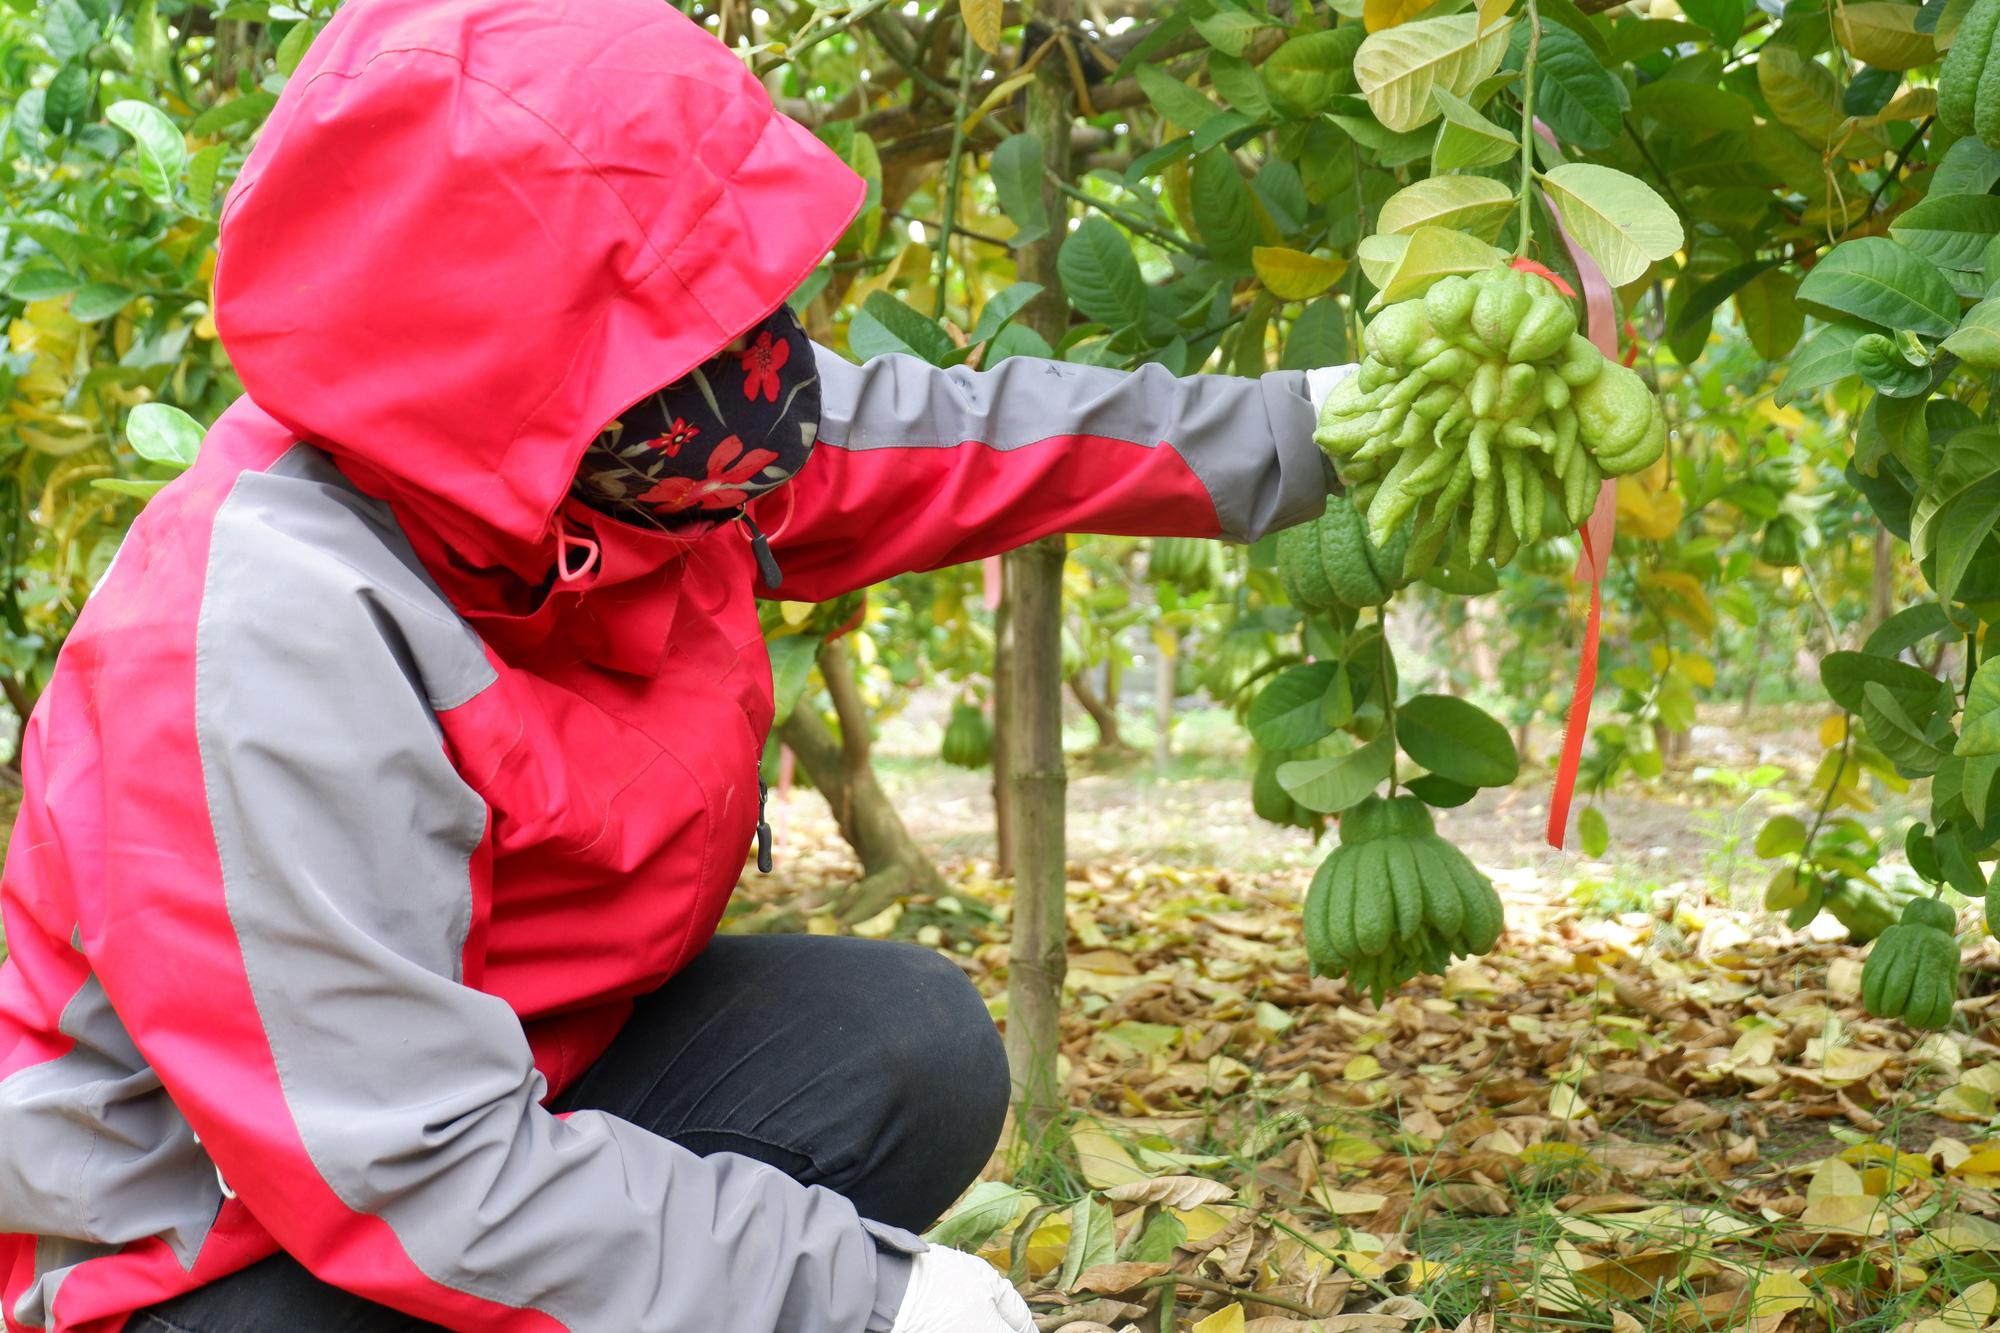 Hà Nội: Phật thủ được giá, bán 100.000 đồng/quả, nhiều nhà vườn ở Đắc Sở thu tiền tỷ - Ảnh 3.